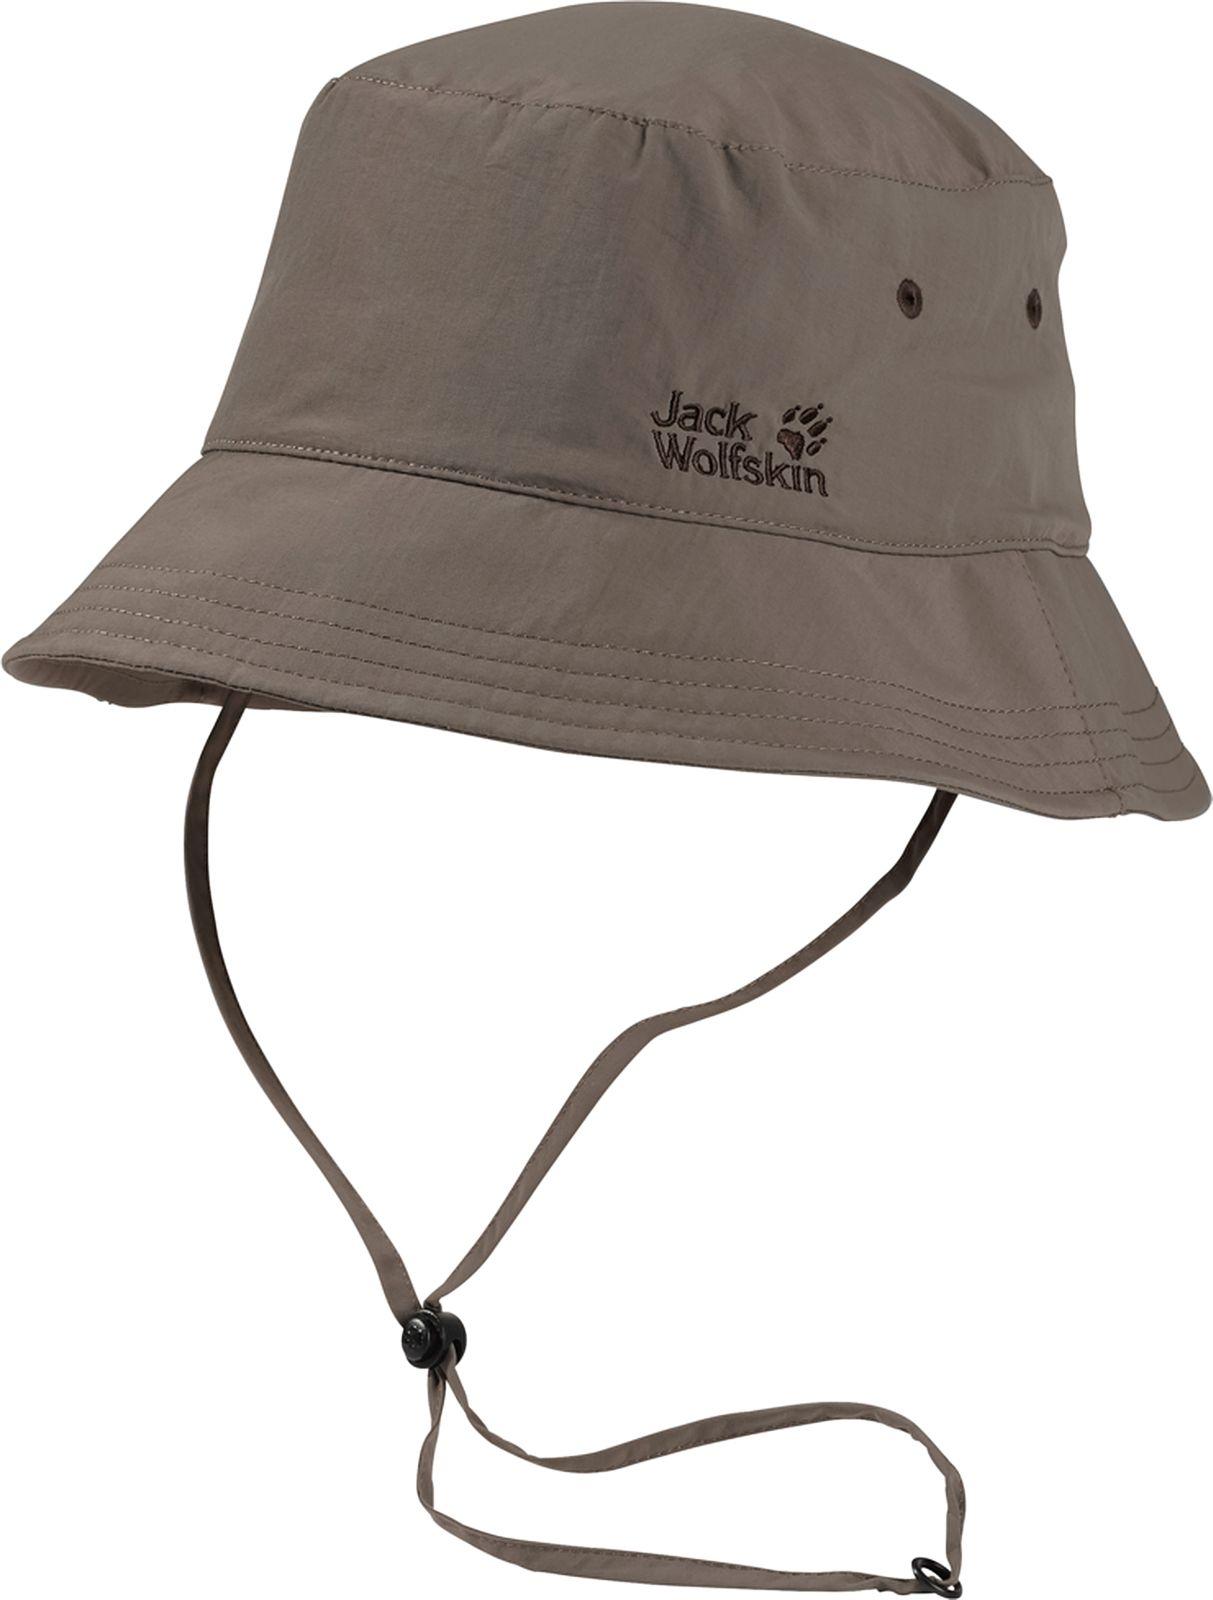 Панама Jack Wolfskin Supplex Sun Hat, цвет: темно-бежевый. 1903391-5116. Размер L (57/60)1903391-5116Панама Jack Wolfskin Supplex Sun Hat станет отличным дополнением к вашему гардеробу. Изготовлена из высококачественного материала она хорошо пропускает воздух. Внутри модель дополнена сетчатой вставкой. Панама с высоким солнцезащитным фактором дополнена текстильным шнурком с пластиковым фиксатором, что обеспечиваетлучшую фиксацию на голове. На модели предусмотрены вентиляционные отверстия. Оформлено изделие вышивкой в виде логотипа бренда. Такая панама отлично защитит вашу голову от солнца.